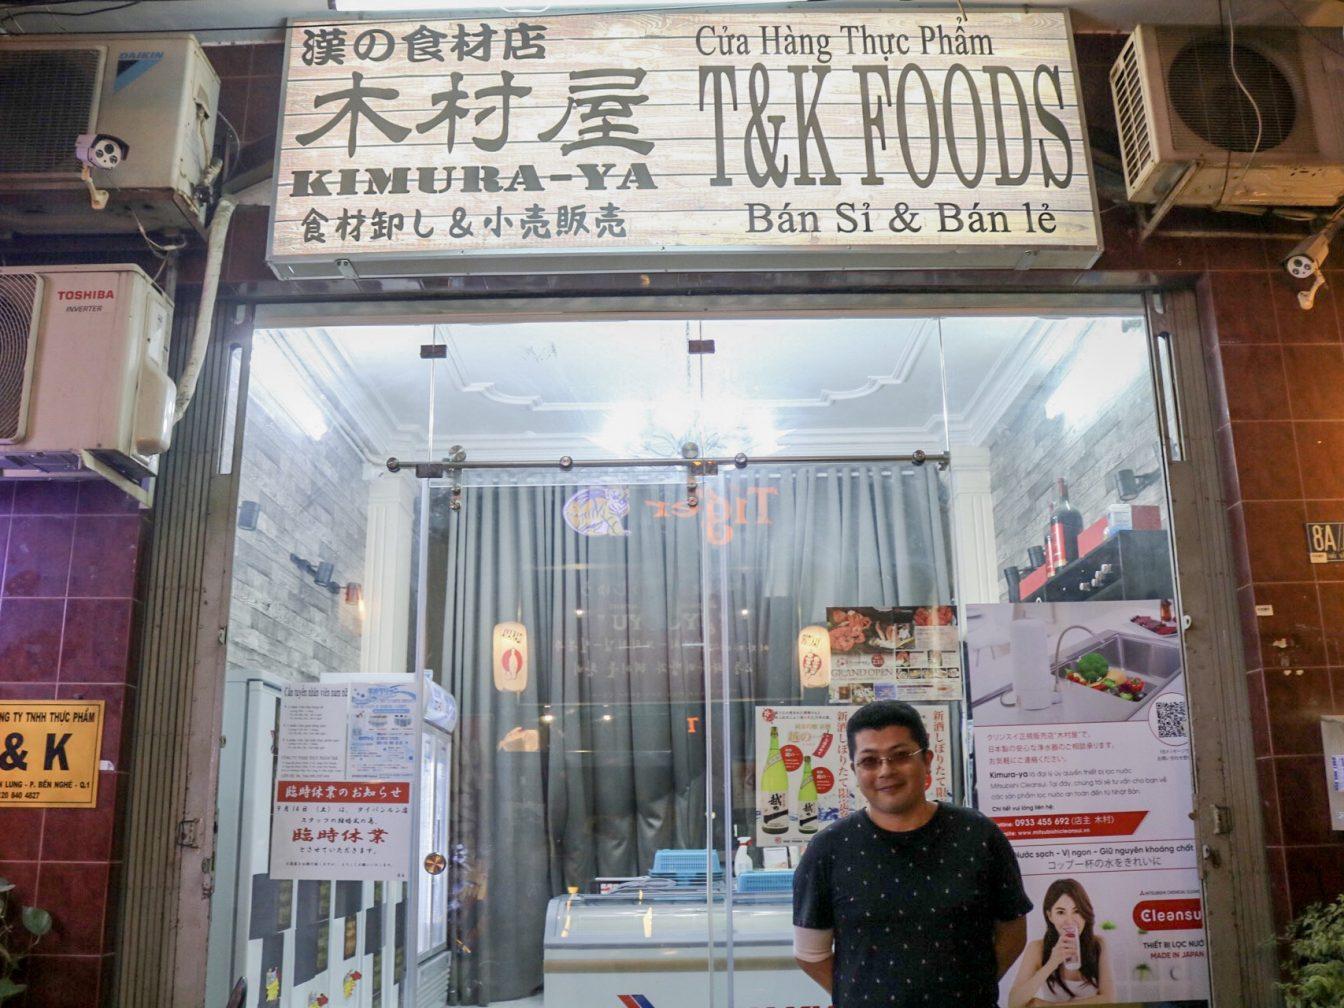 日本の味をベトナム現地で再現する「漢の食材店 木村屋」【インタビュー】